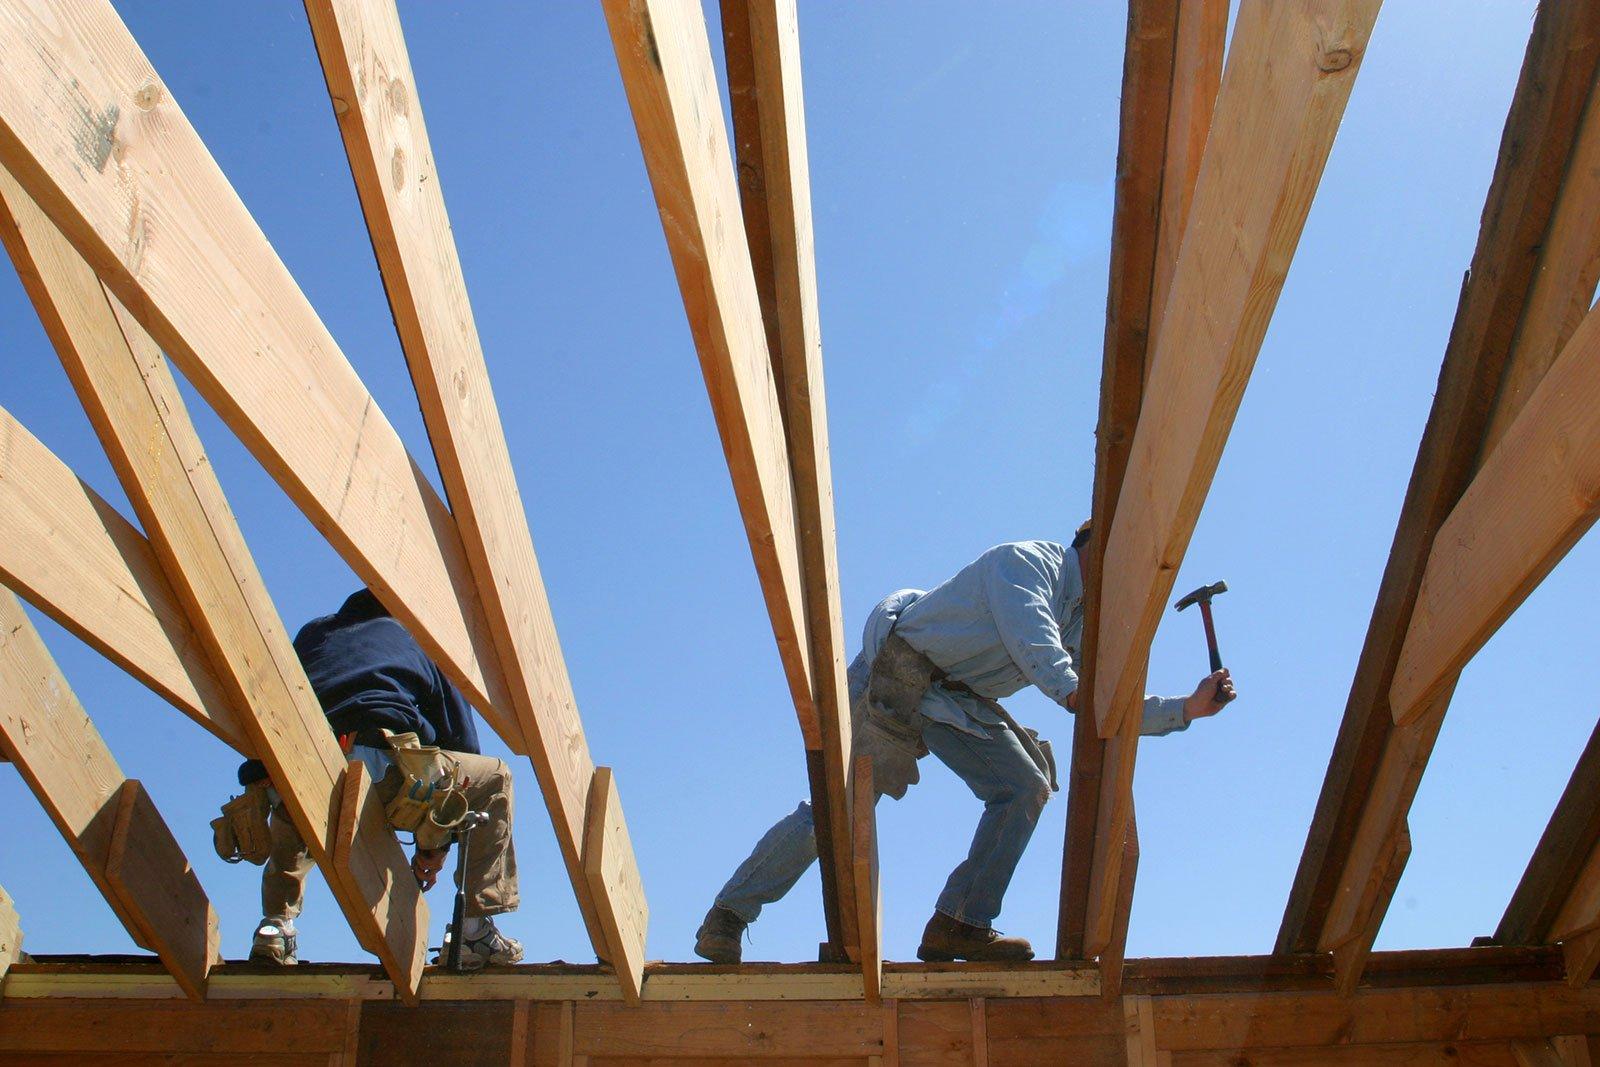 degli uomini in piedi su un tetto con dei martelli e vista delle travi di legno